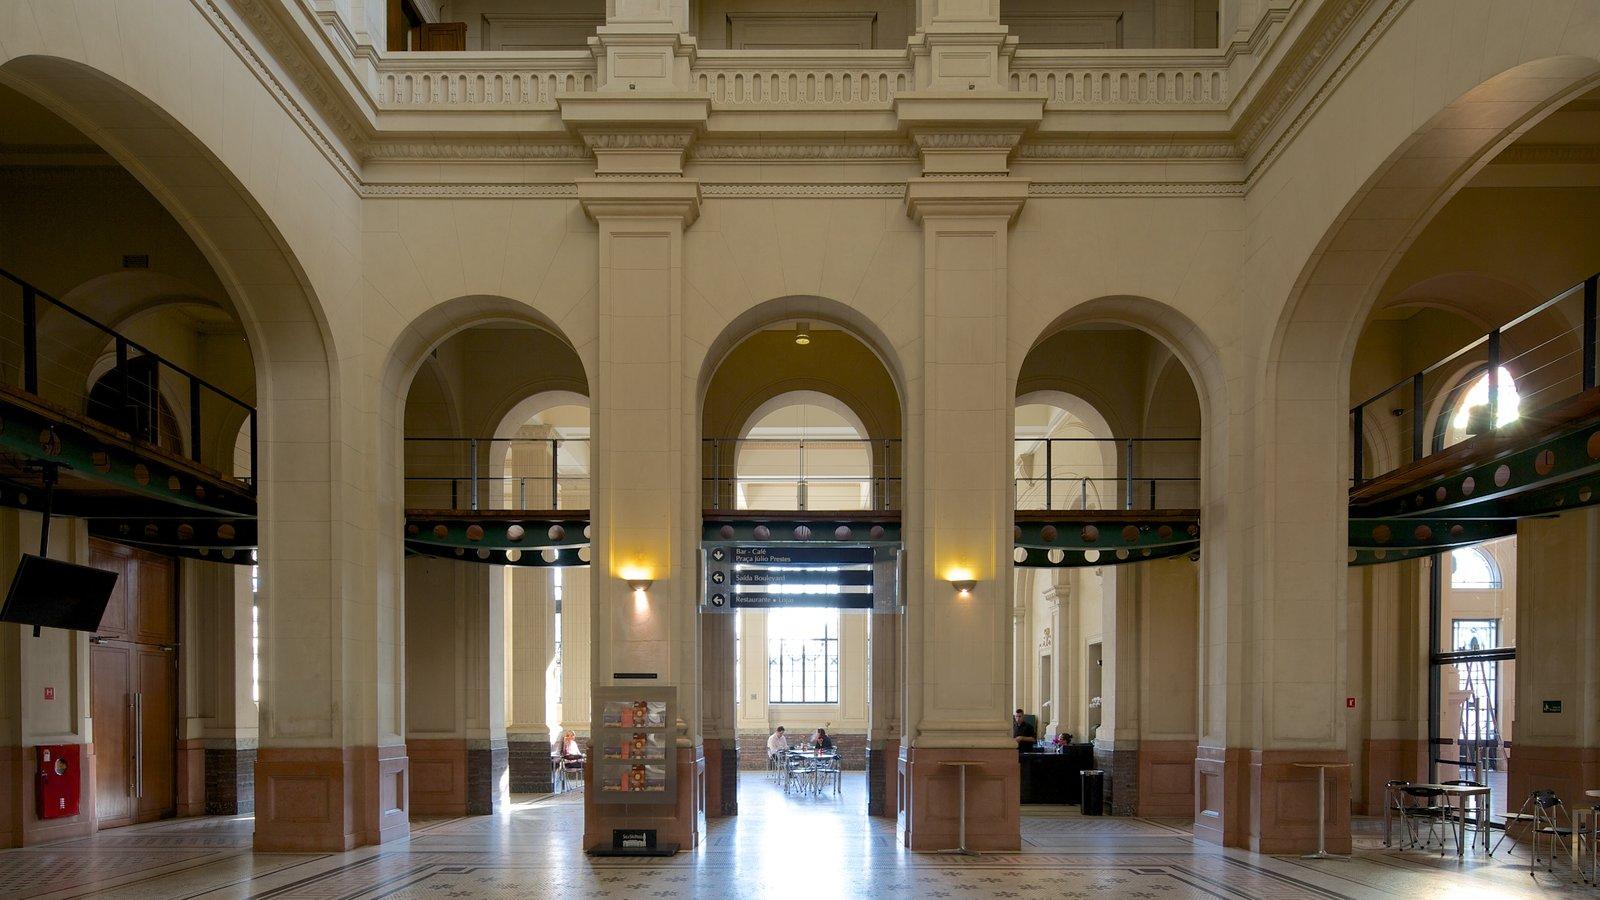 Sala São Paulo caracterizando vistas internas